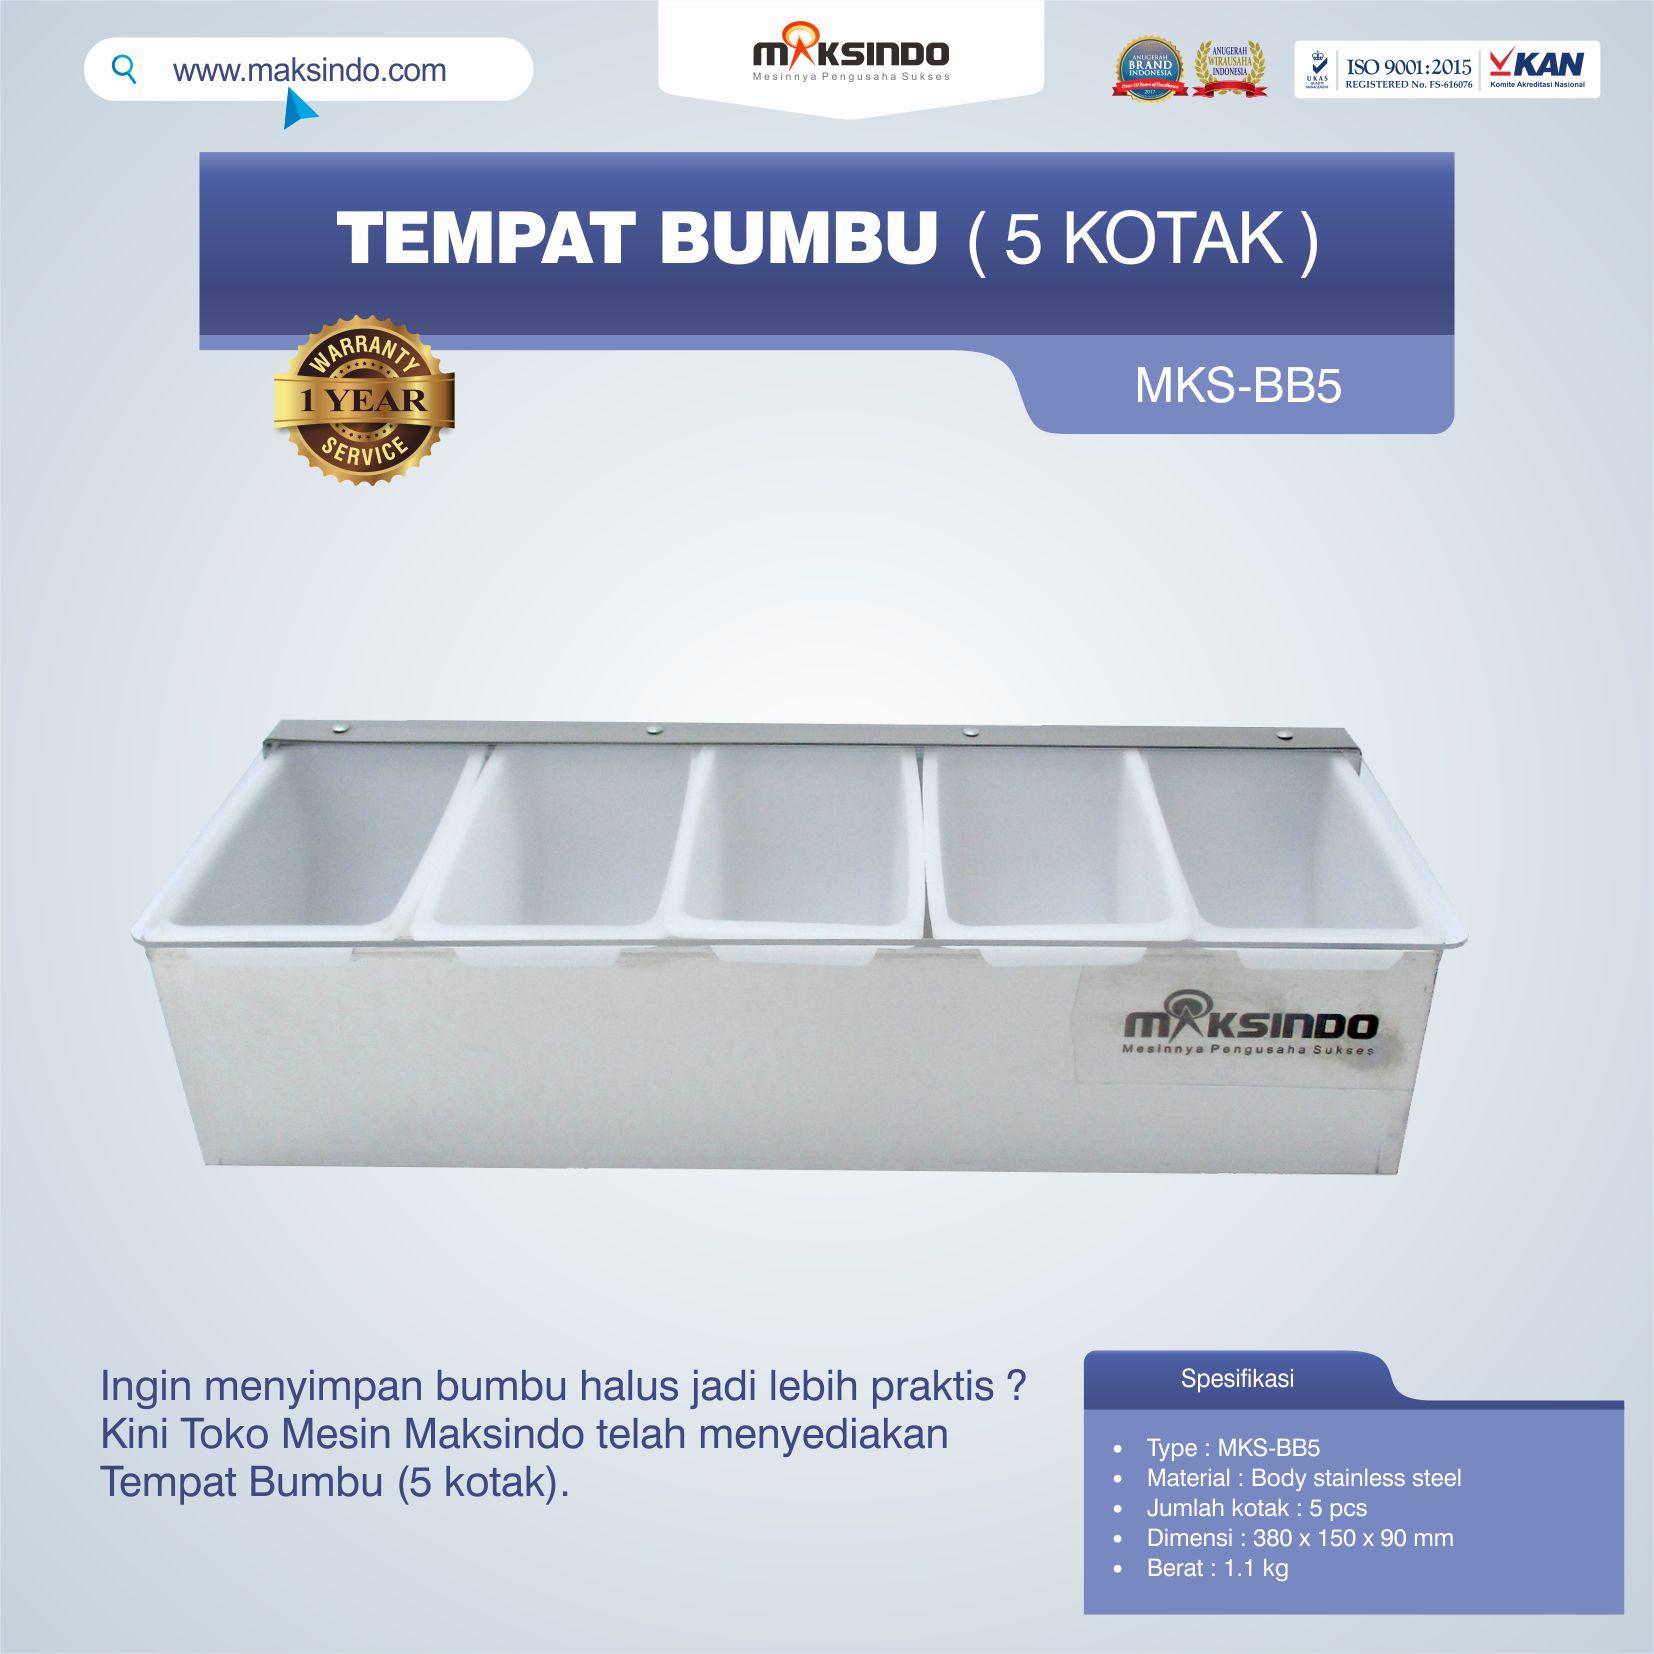 Jual Tempat Bumbu (5 Kotak) Di Palembang